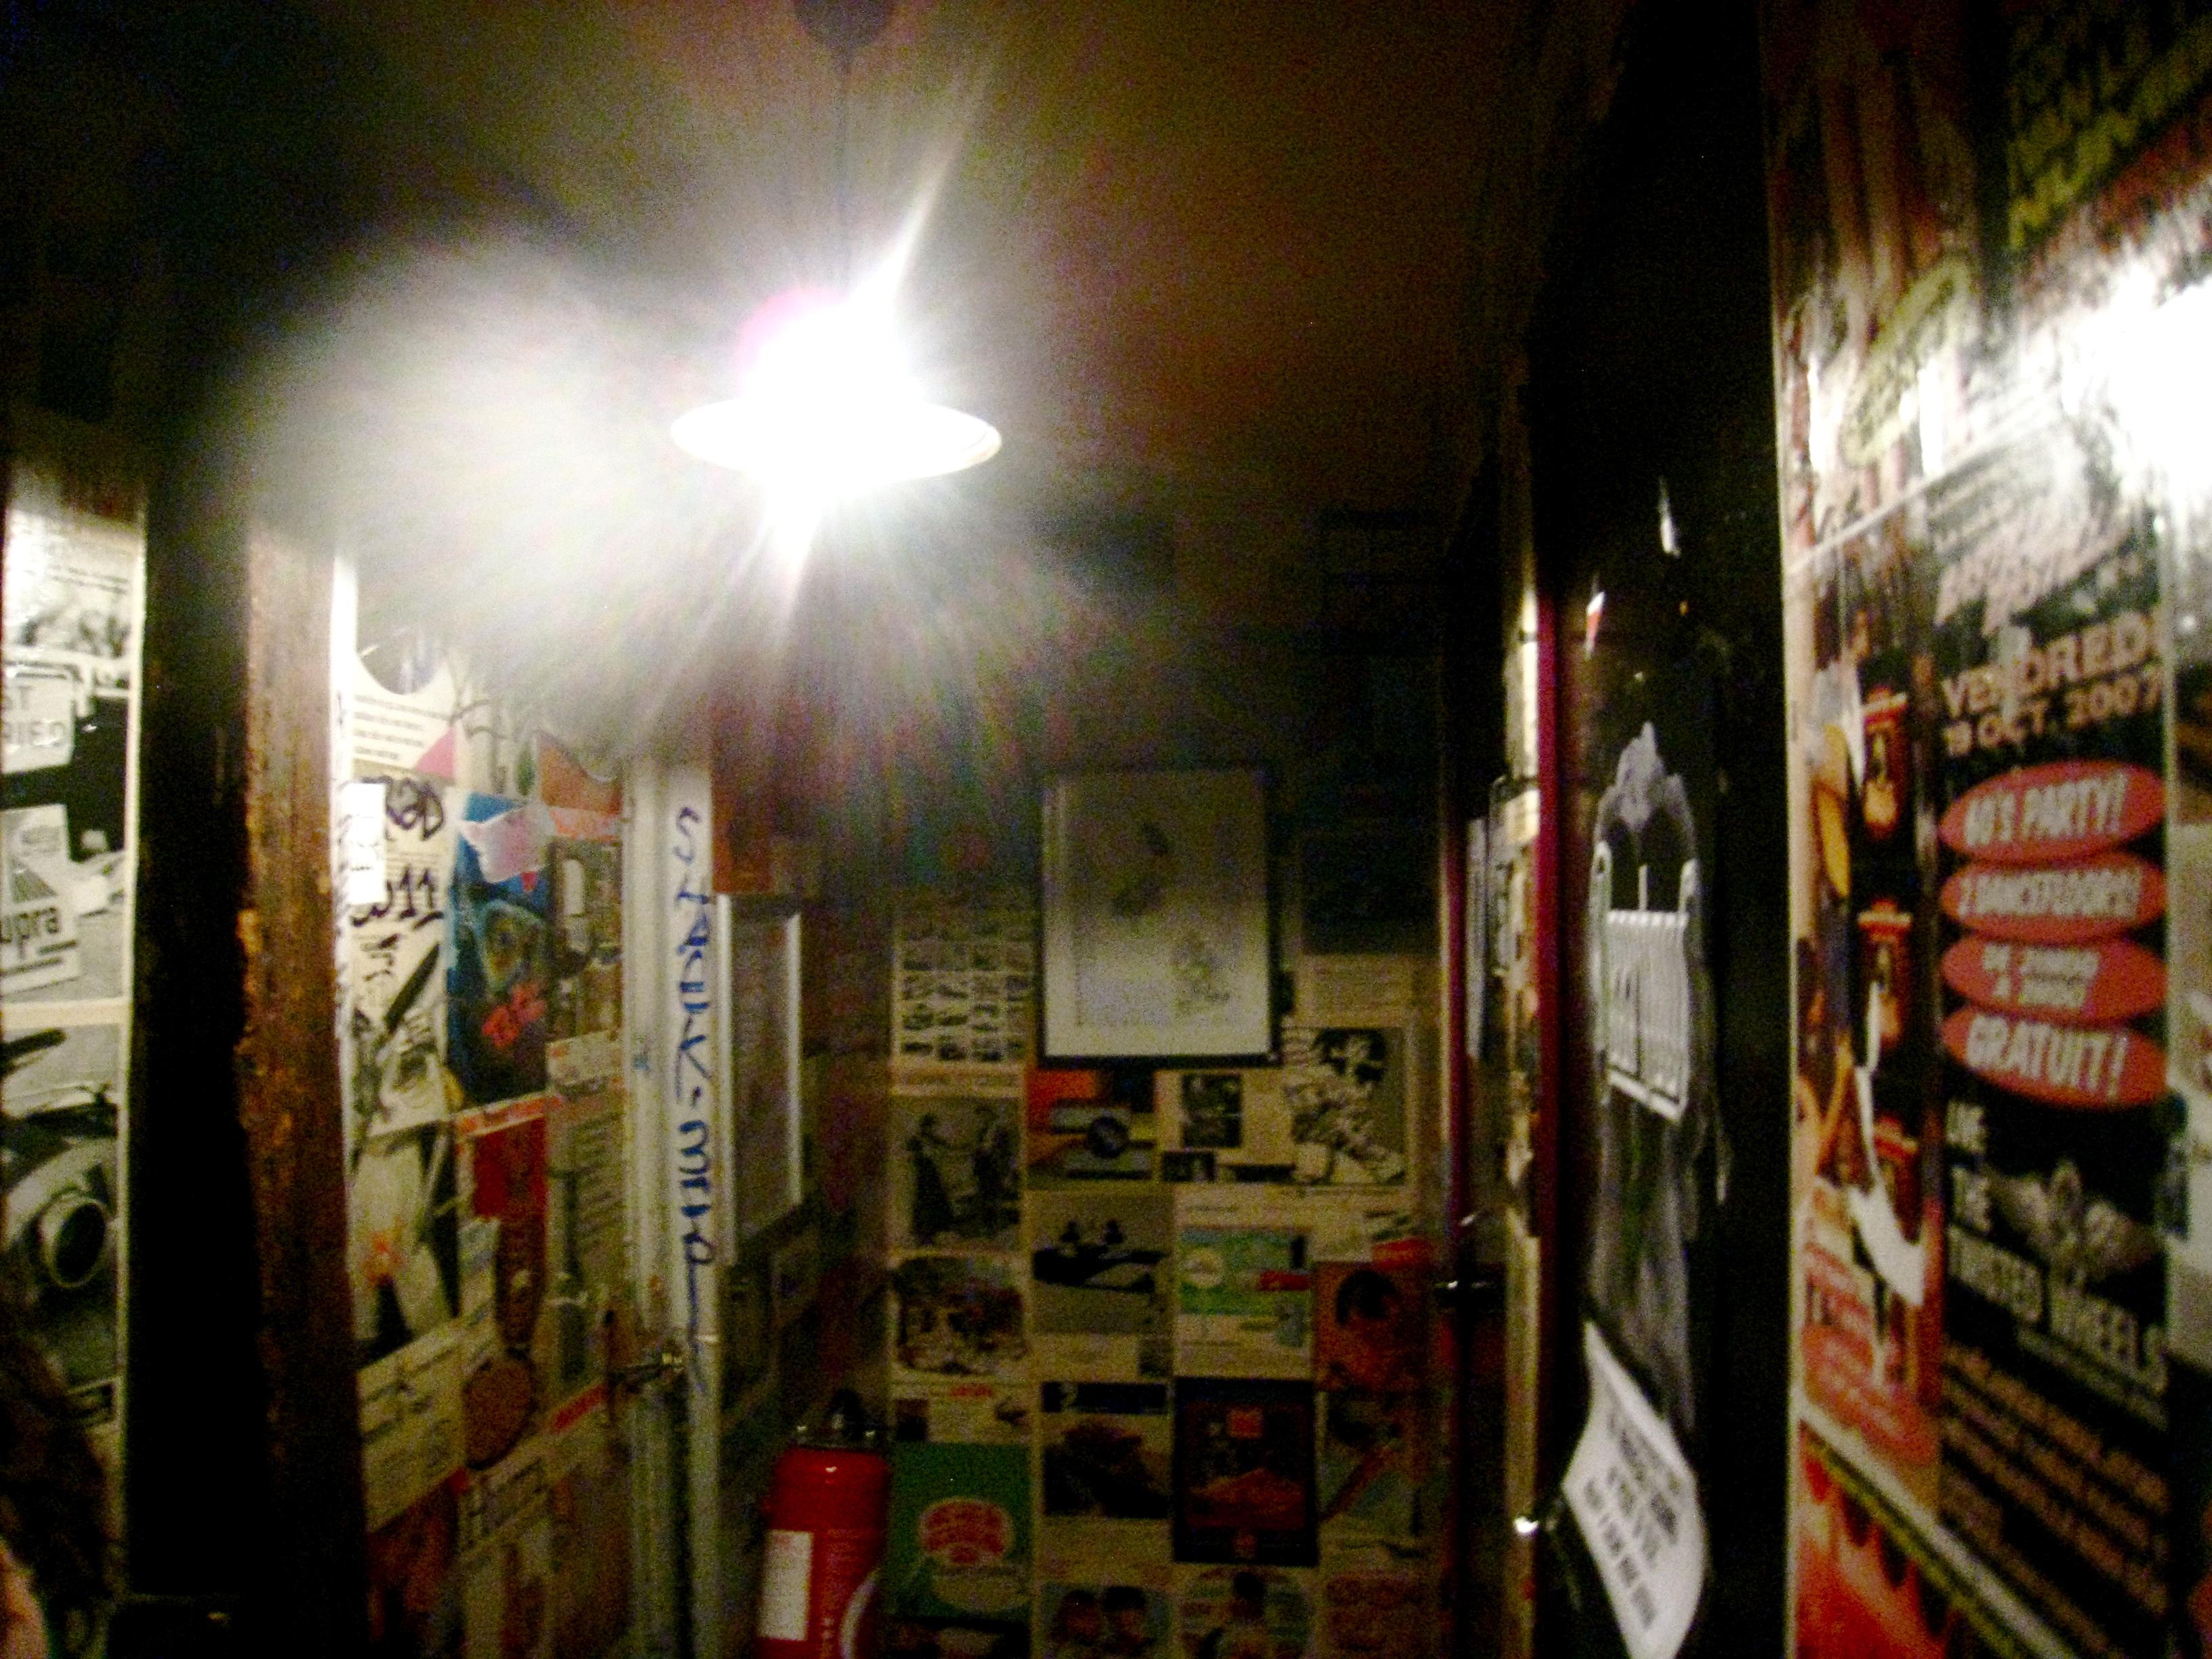 Decorar Un Baño Reciclando:Decorar reciclando es el lema de este bar parisino Paredes cubiertas